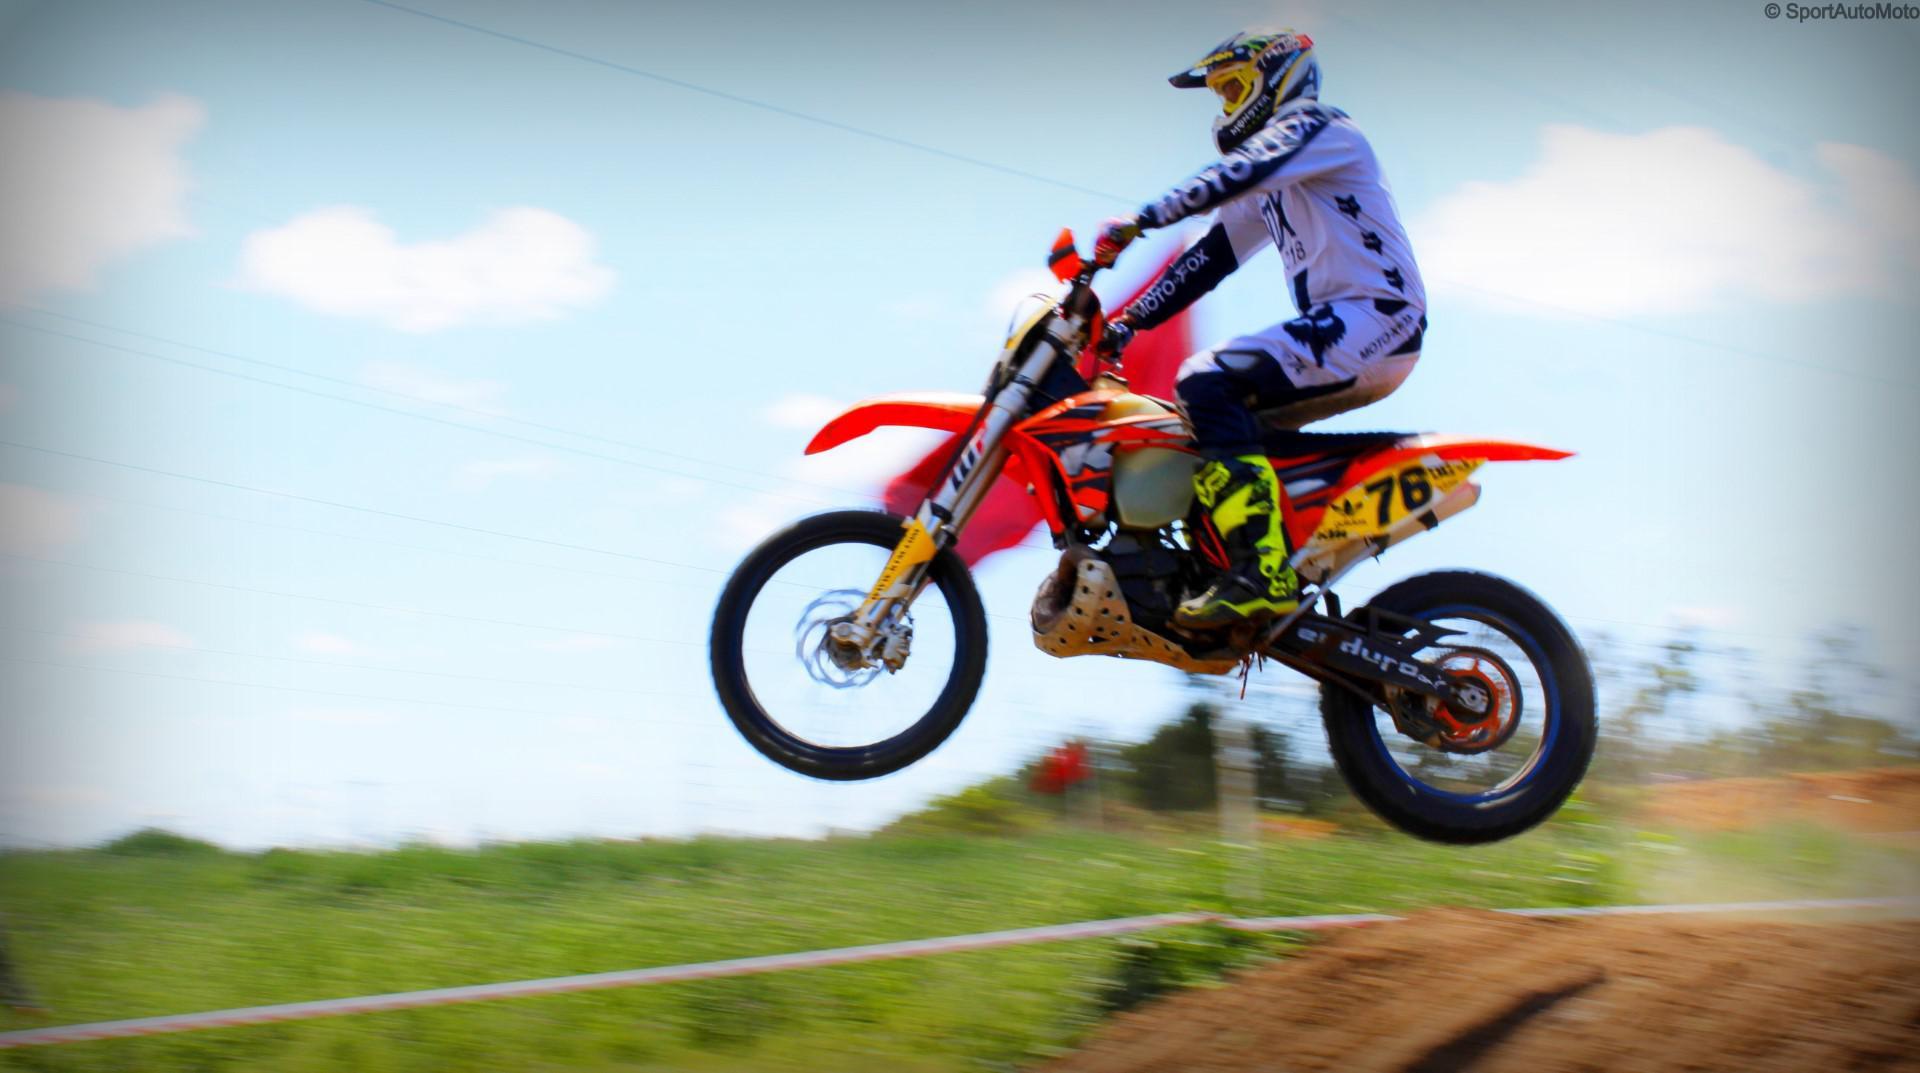 championnat-du-maroc-de-motocross-kenitra-774-31.jpg